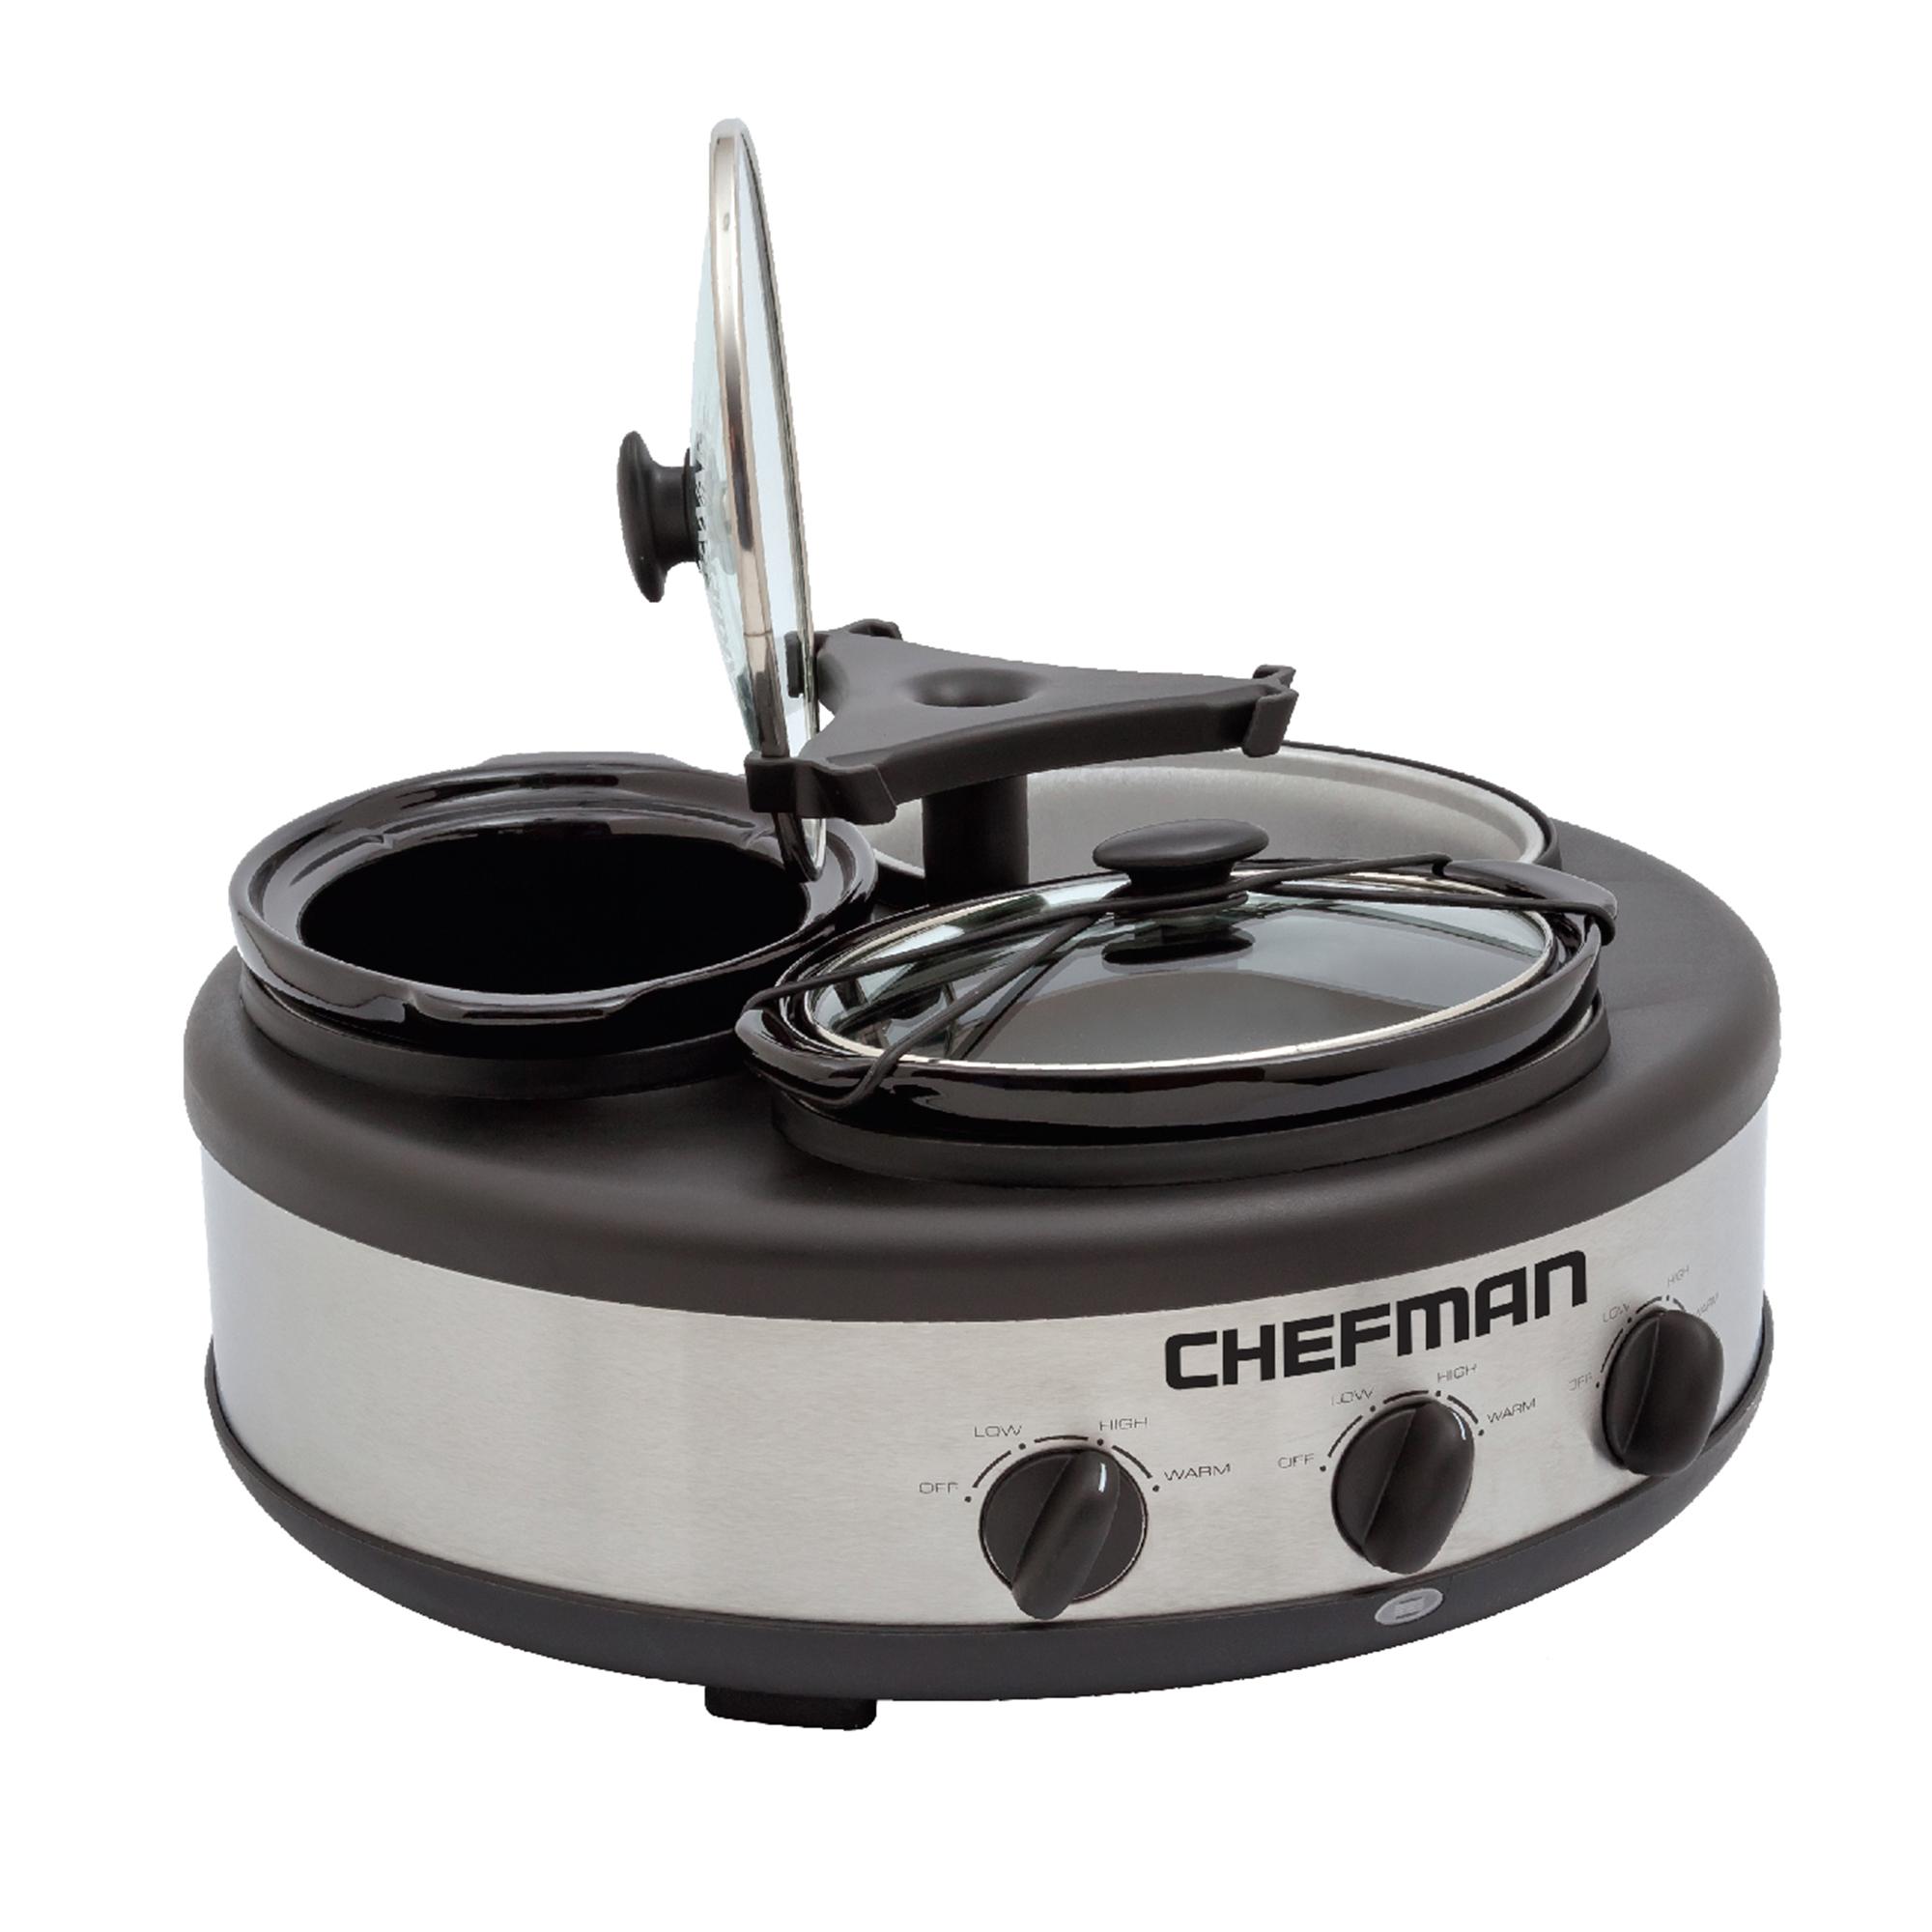 Bufetera eléctrica de acero inoxidable Chefman® triple de cocción lenta